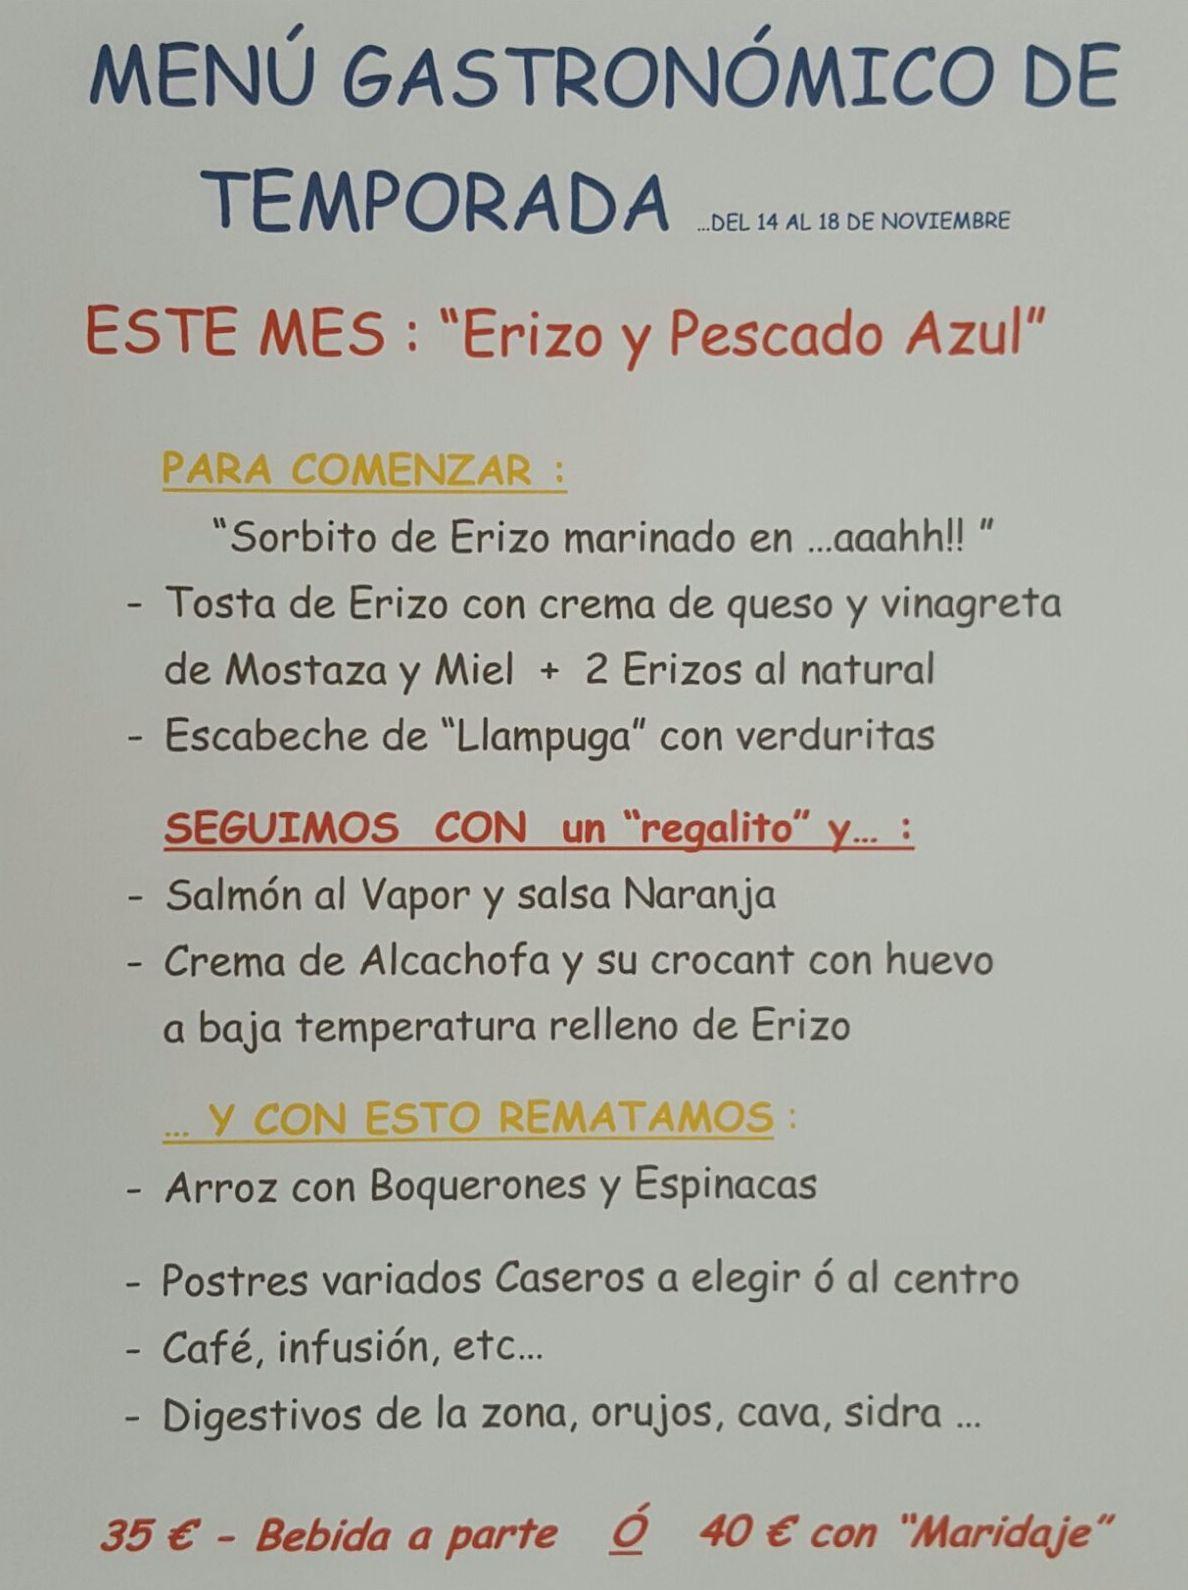 Menú gastronomico Denia|Restaurante mena